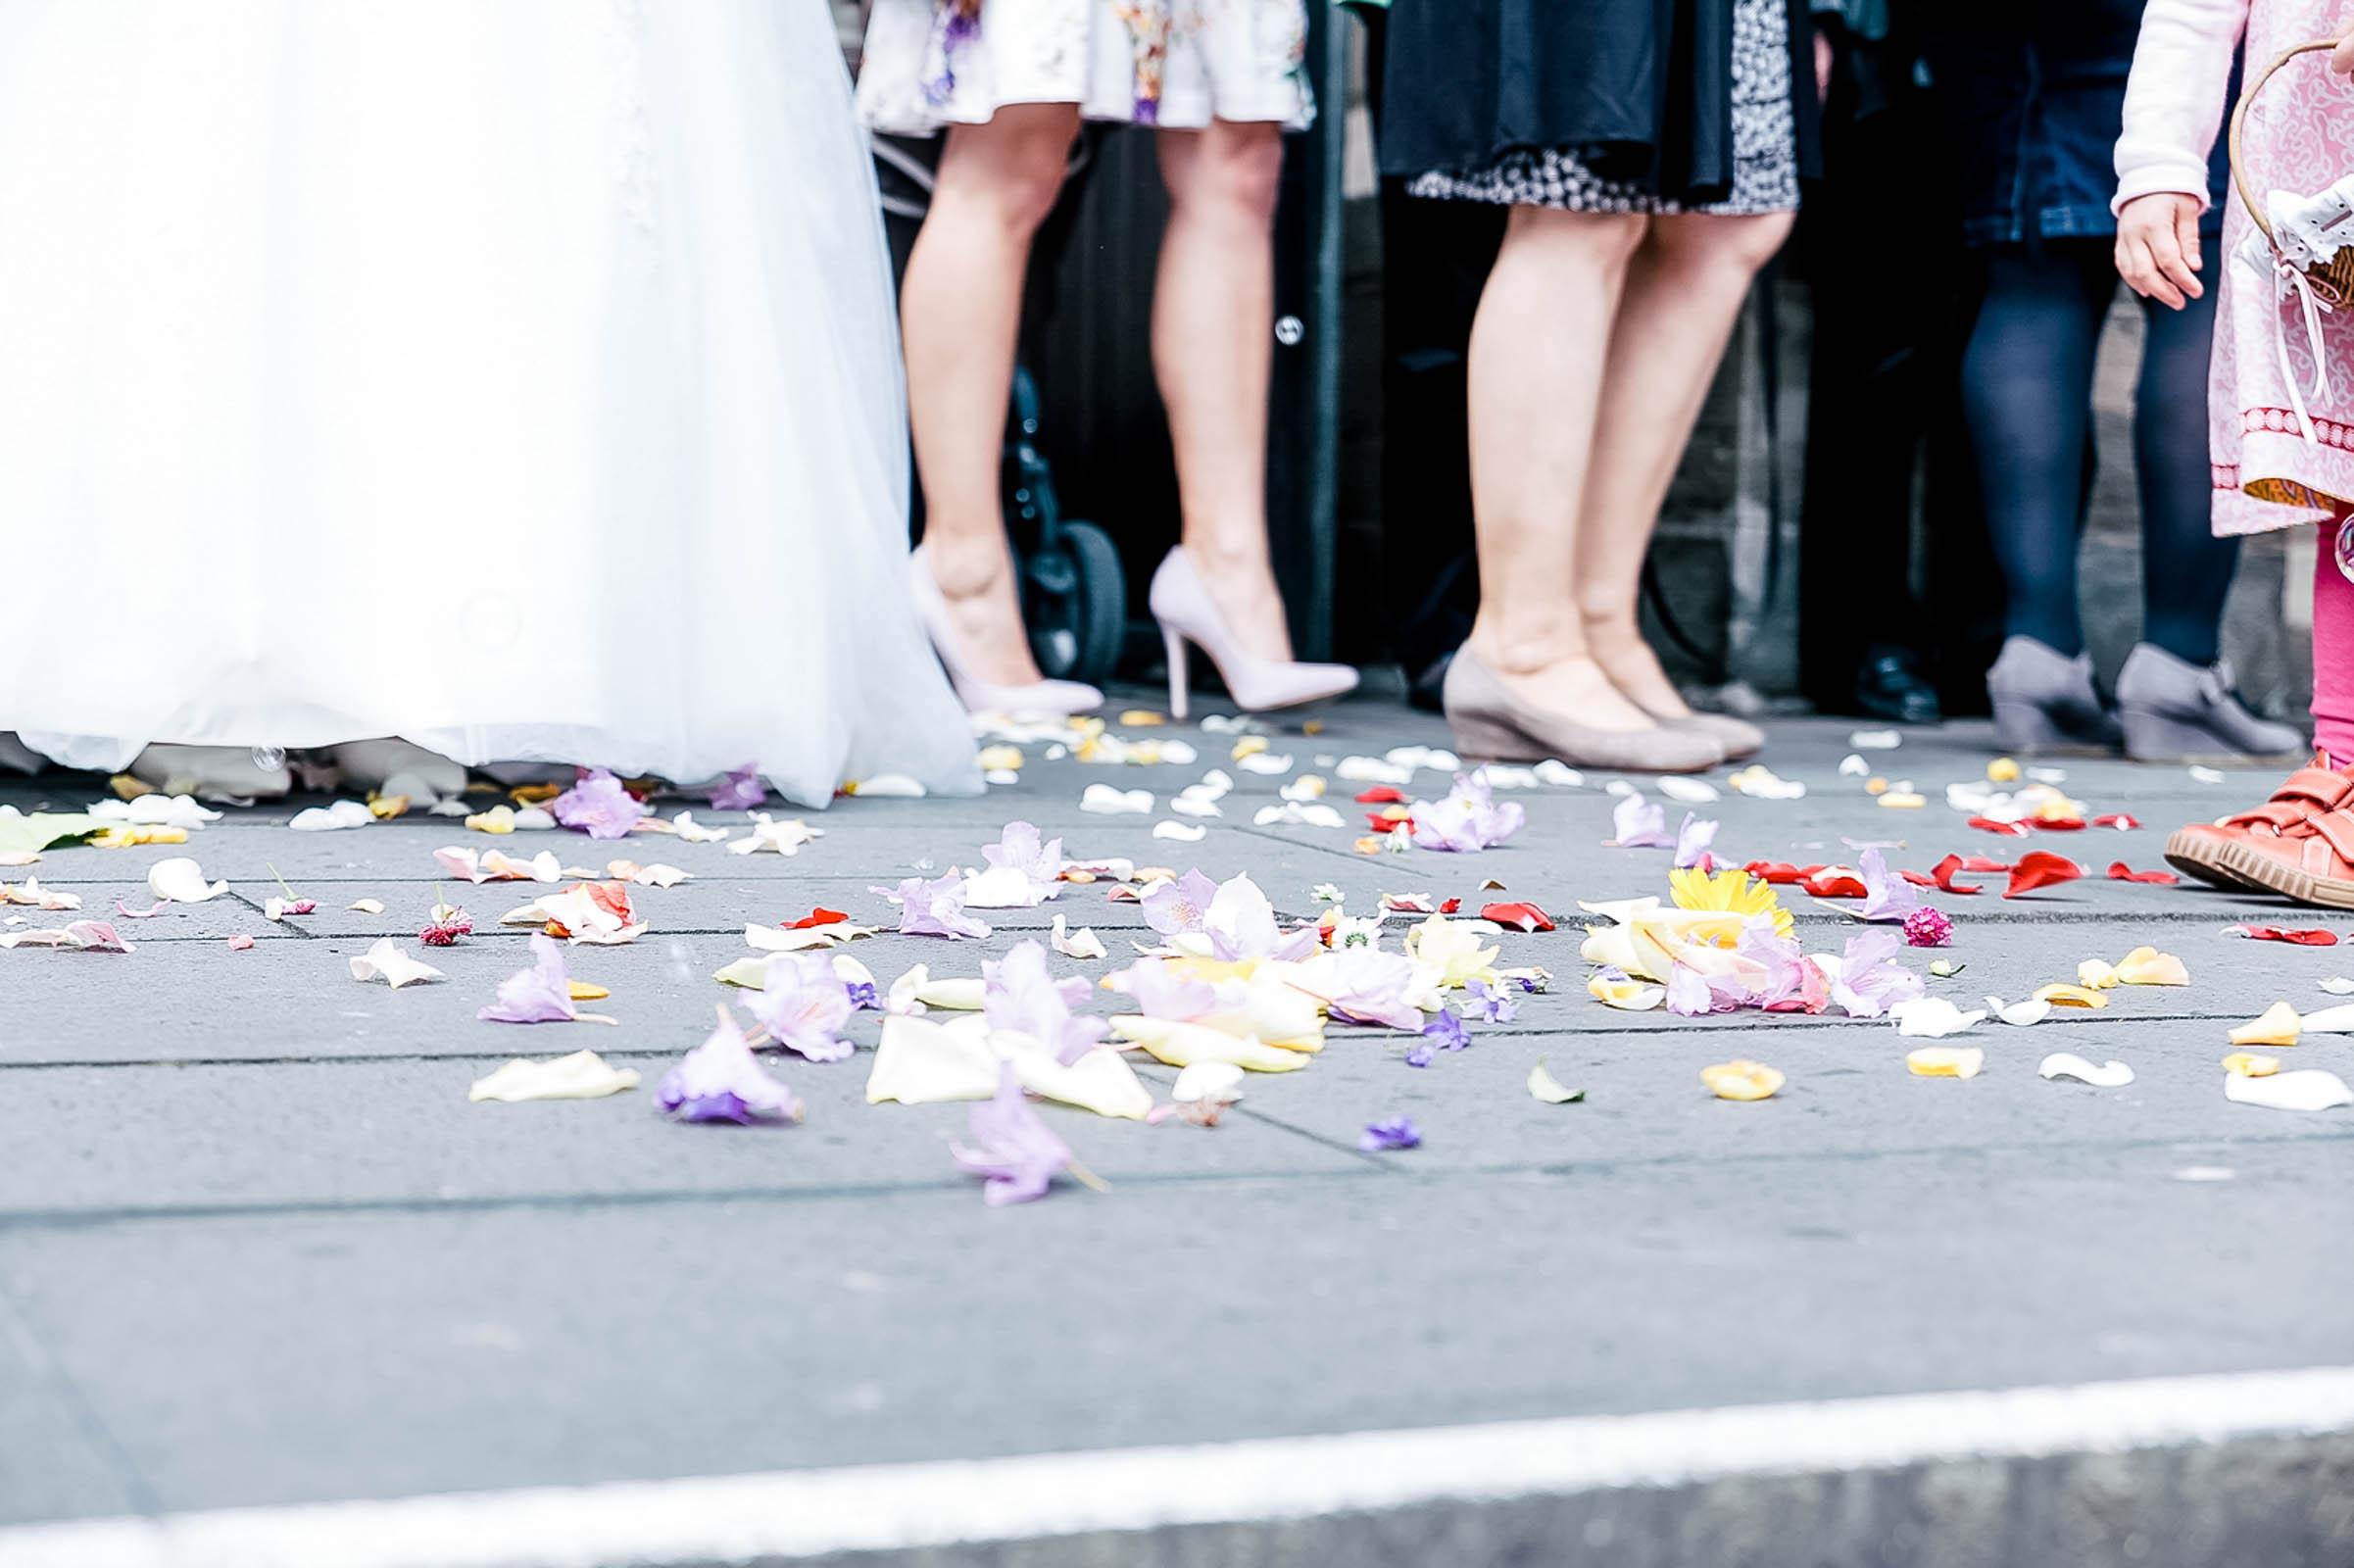 Monstergraphie_Hochzeitsreportage_Siegen-35.jpg?fit=2402%2C1600